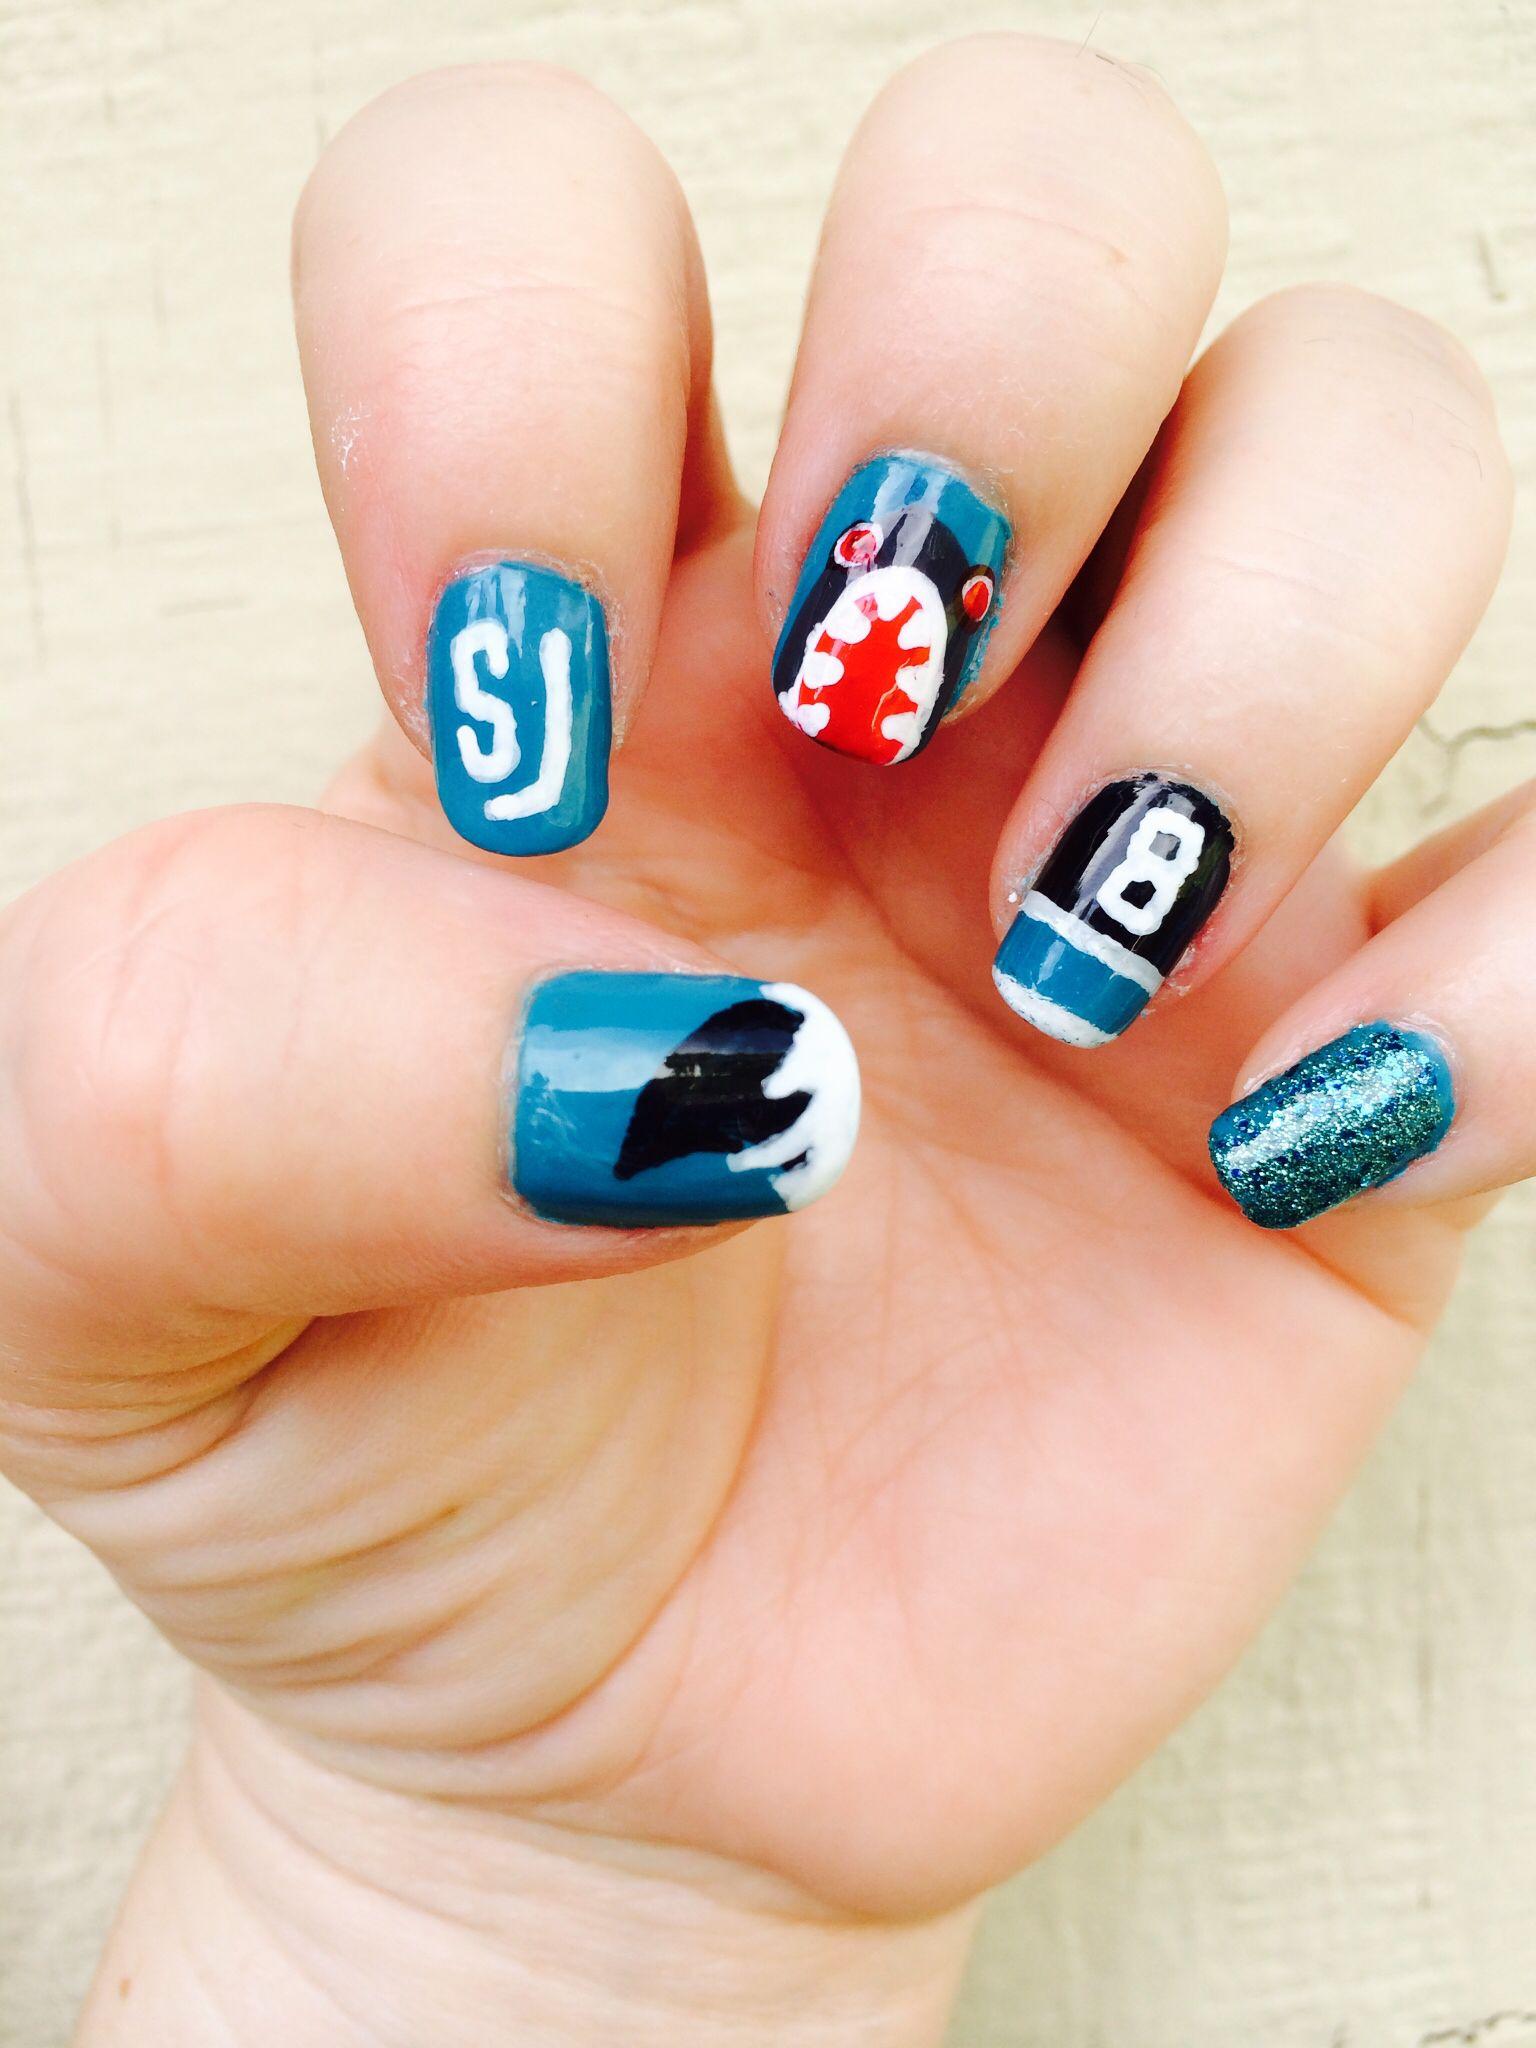 My SJ Sharks playoff nails Nails, Nails only, Makeup nails